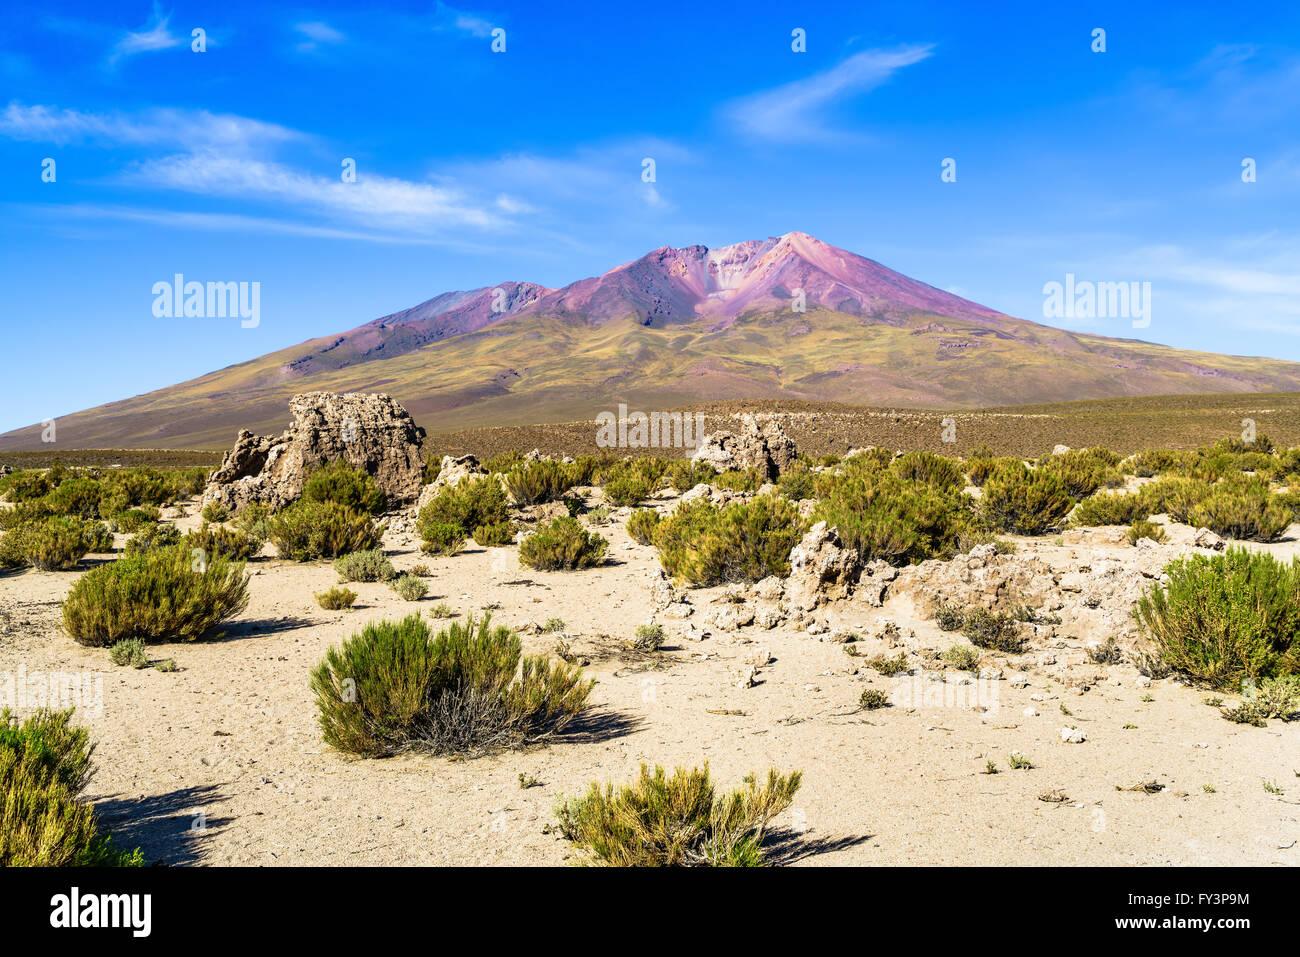 Montagne et désert dans le Parc National, Uyuni, Bolivie Photo Stock